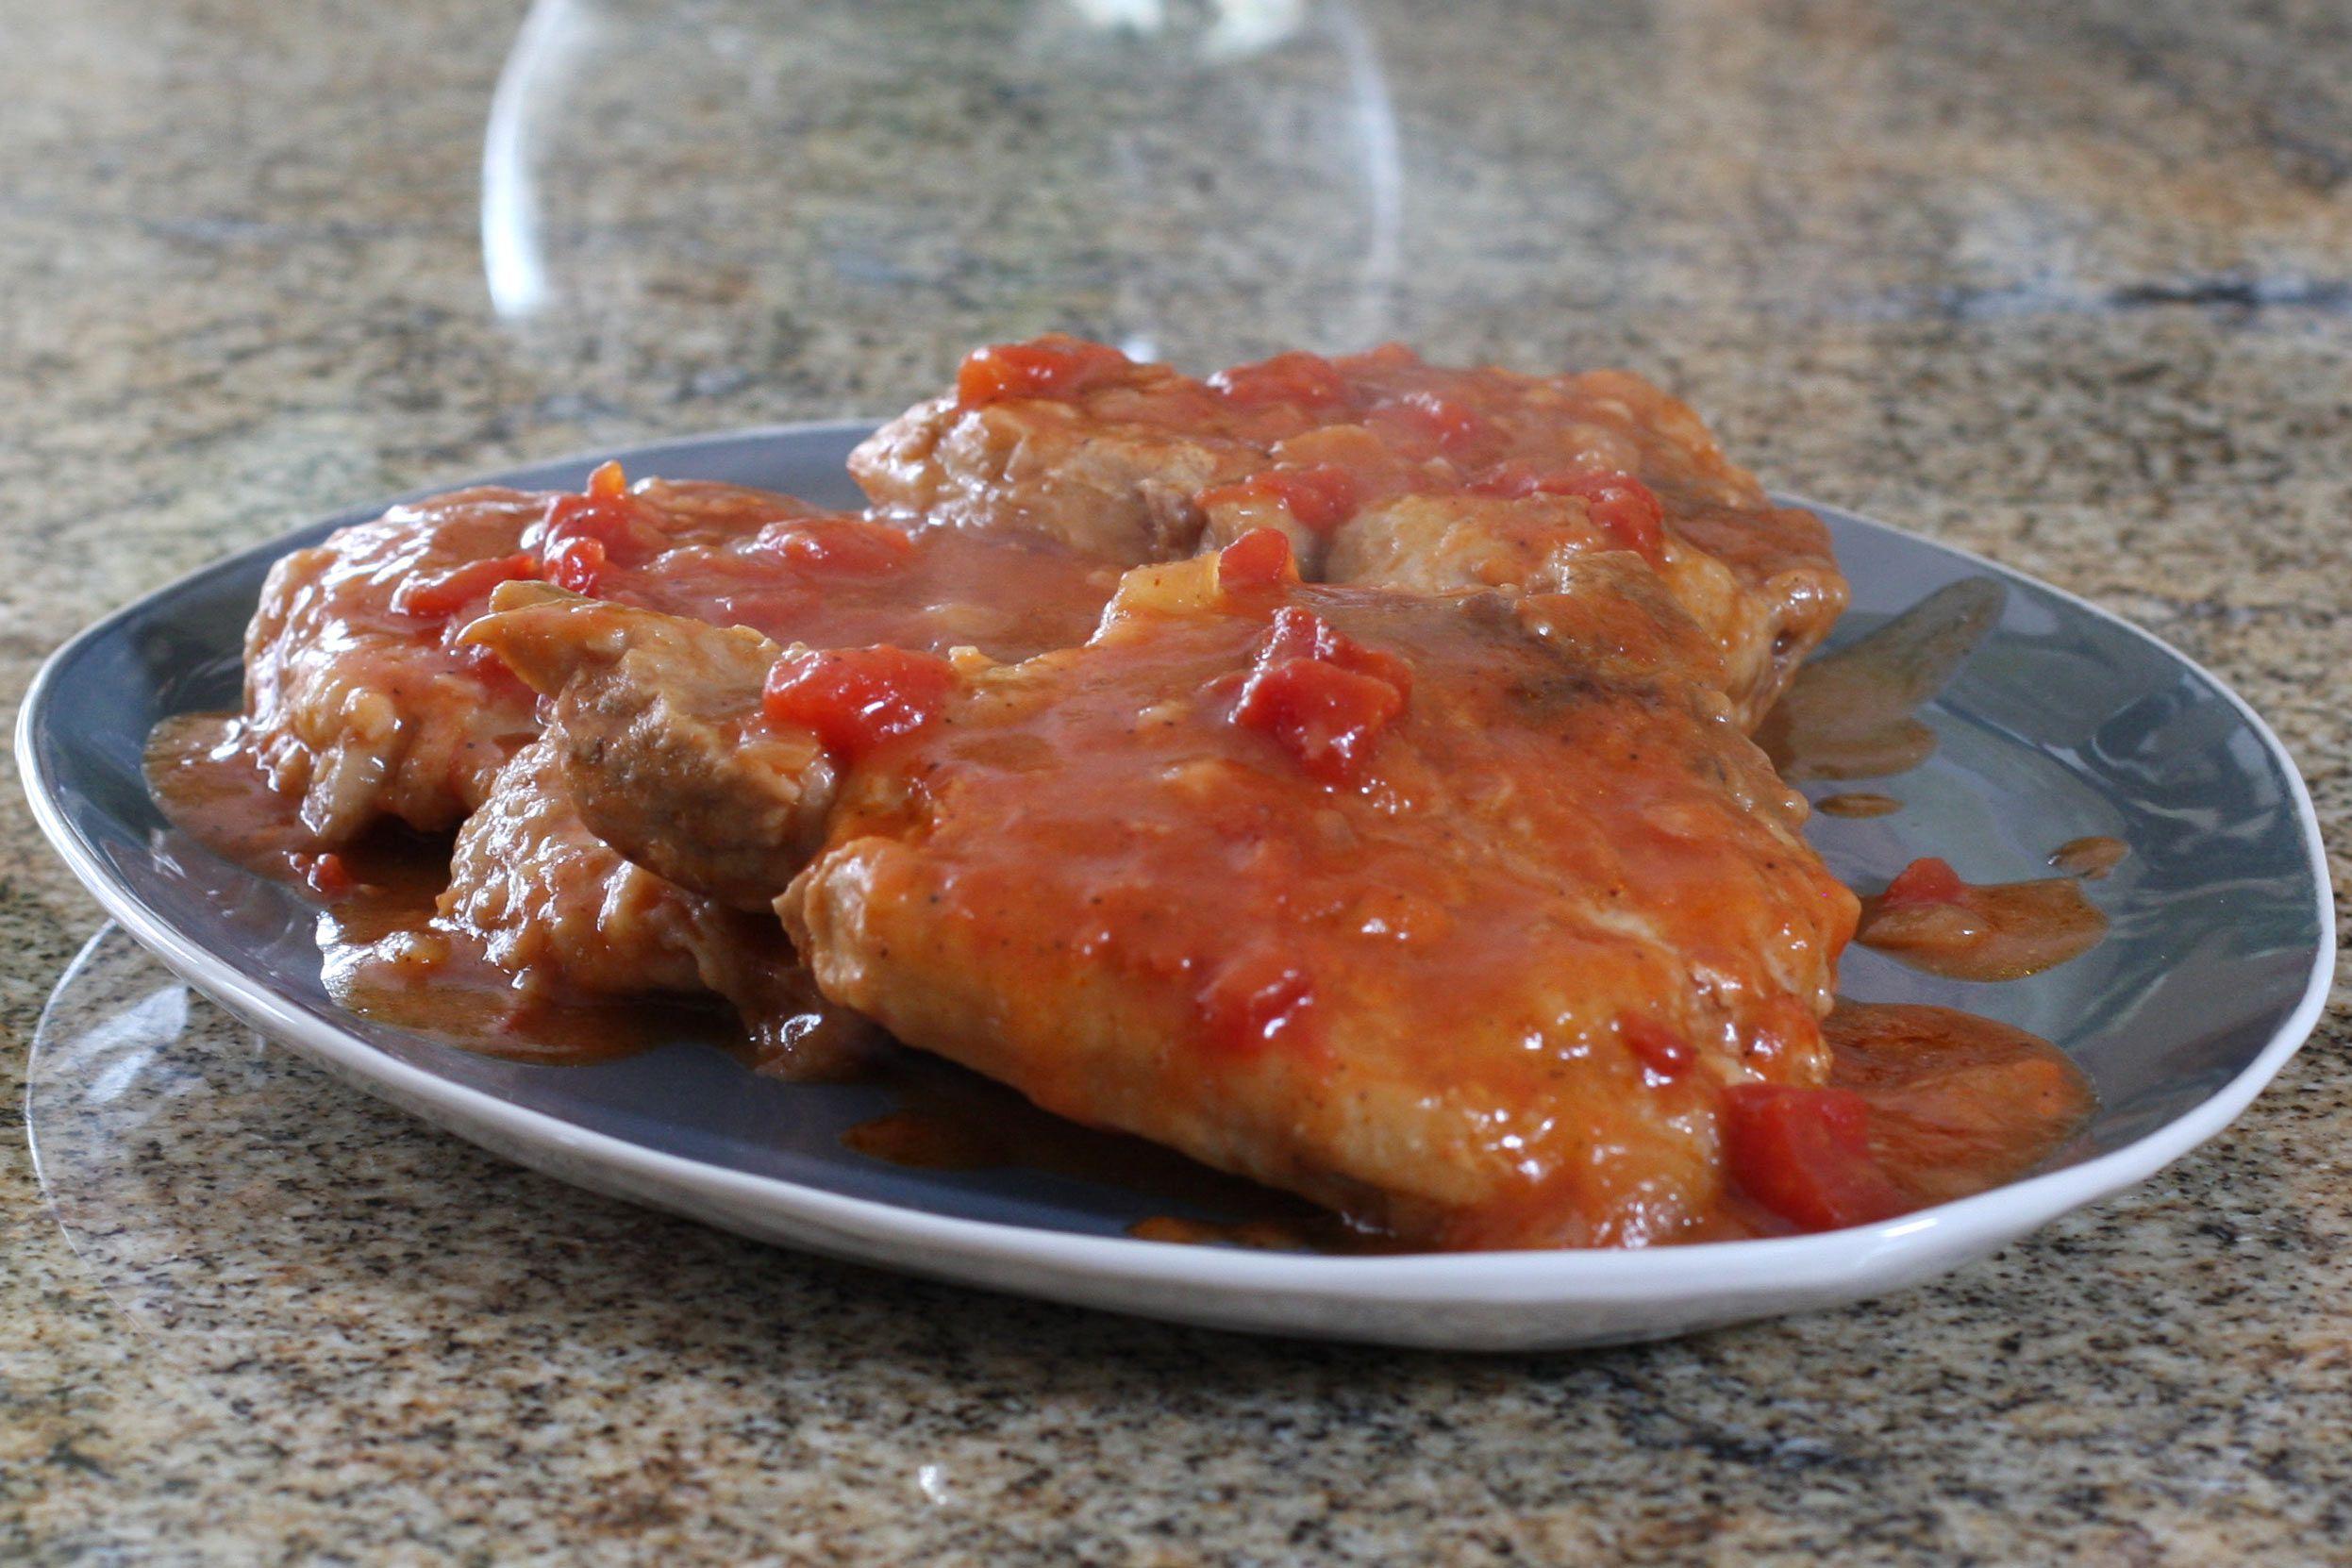 Spanish Style Pork Chop Bake